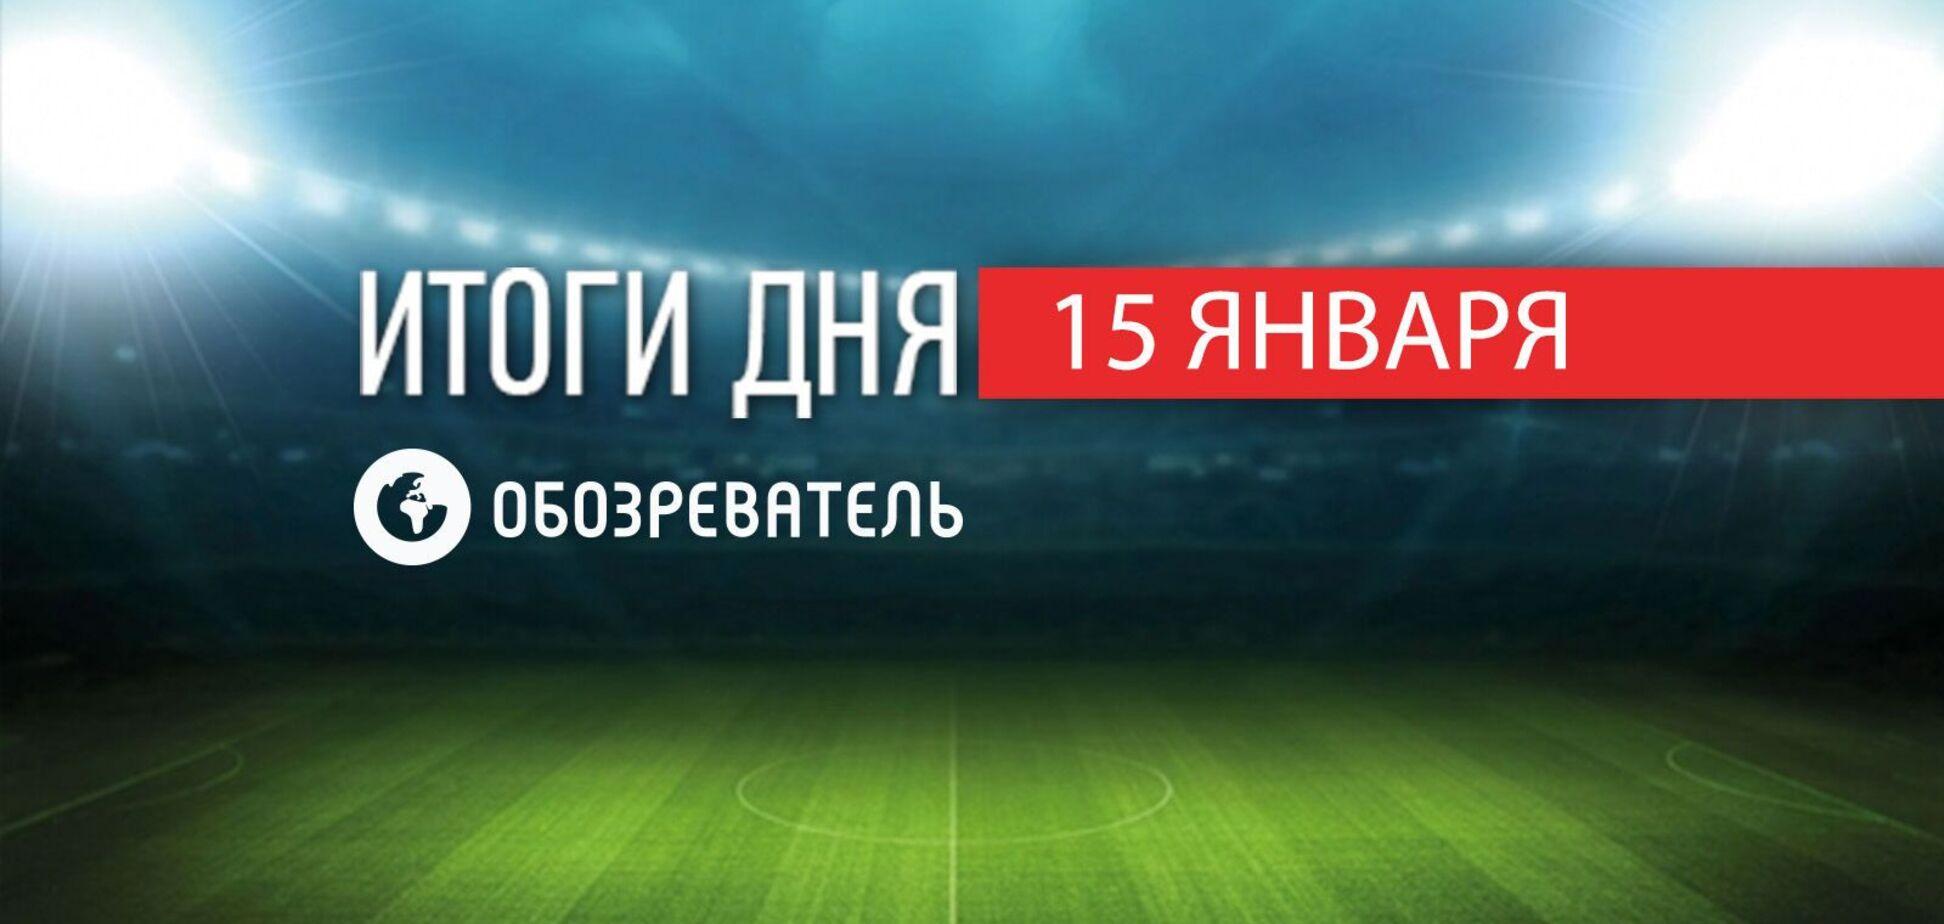 Назван победитель боя между братьями Кличко: спортивные итоги 15 января